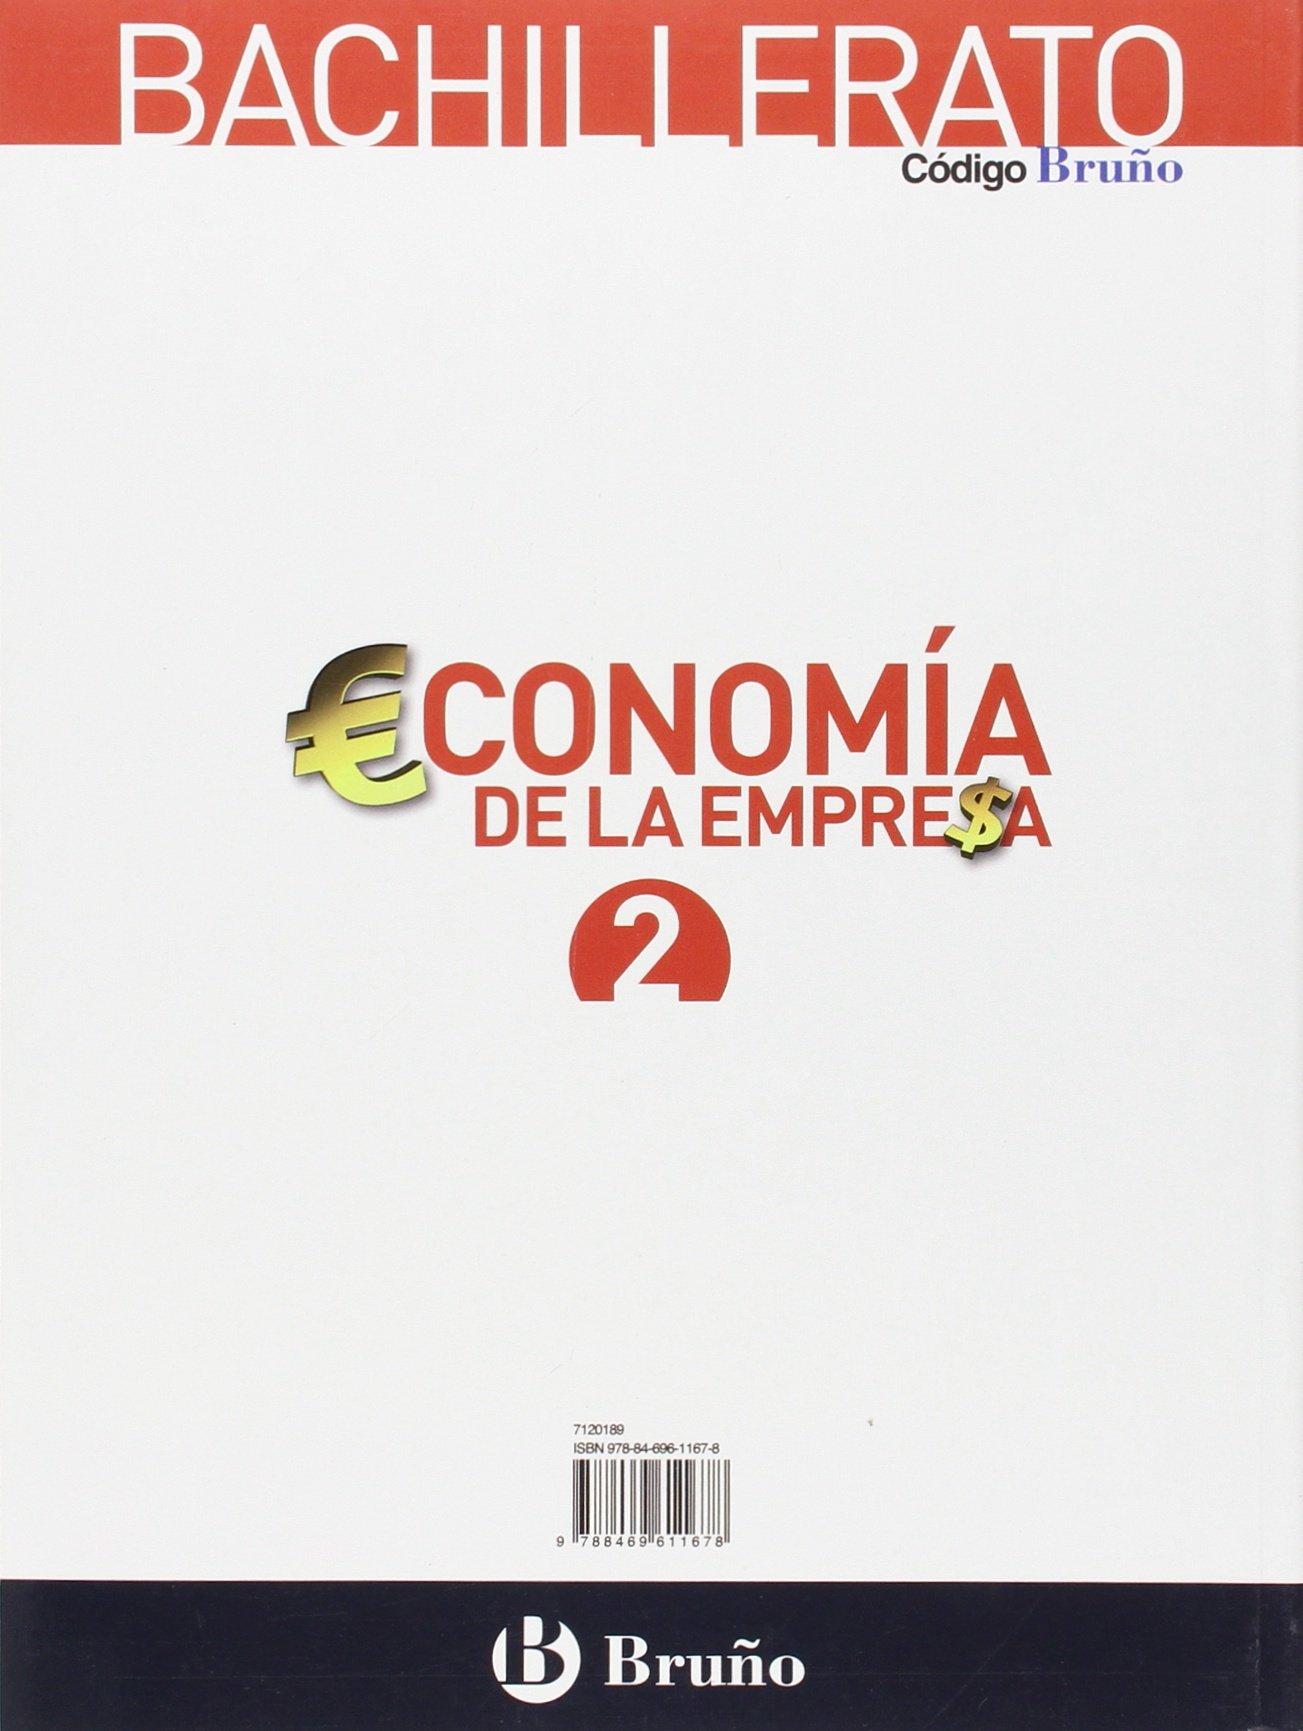 Economía de la Empresa 2 Bachillerato Bruño Soluciones 2020 / 2021